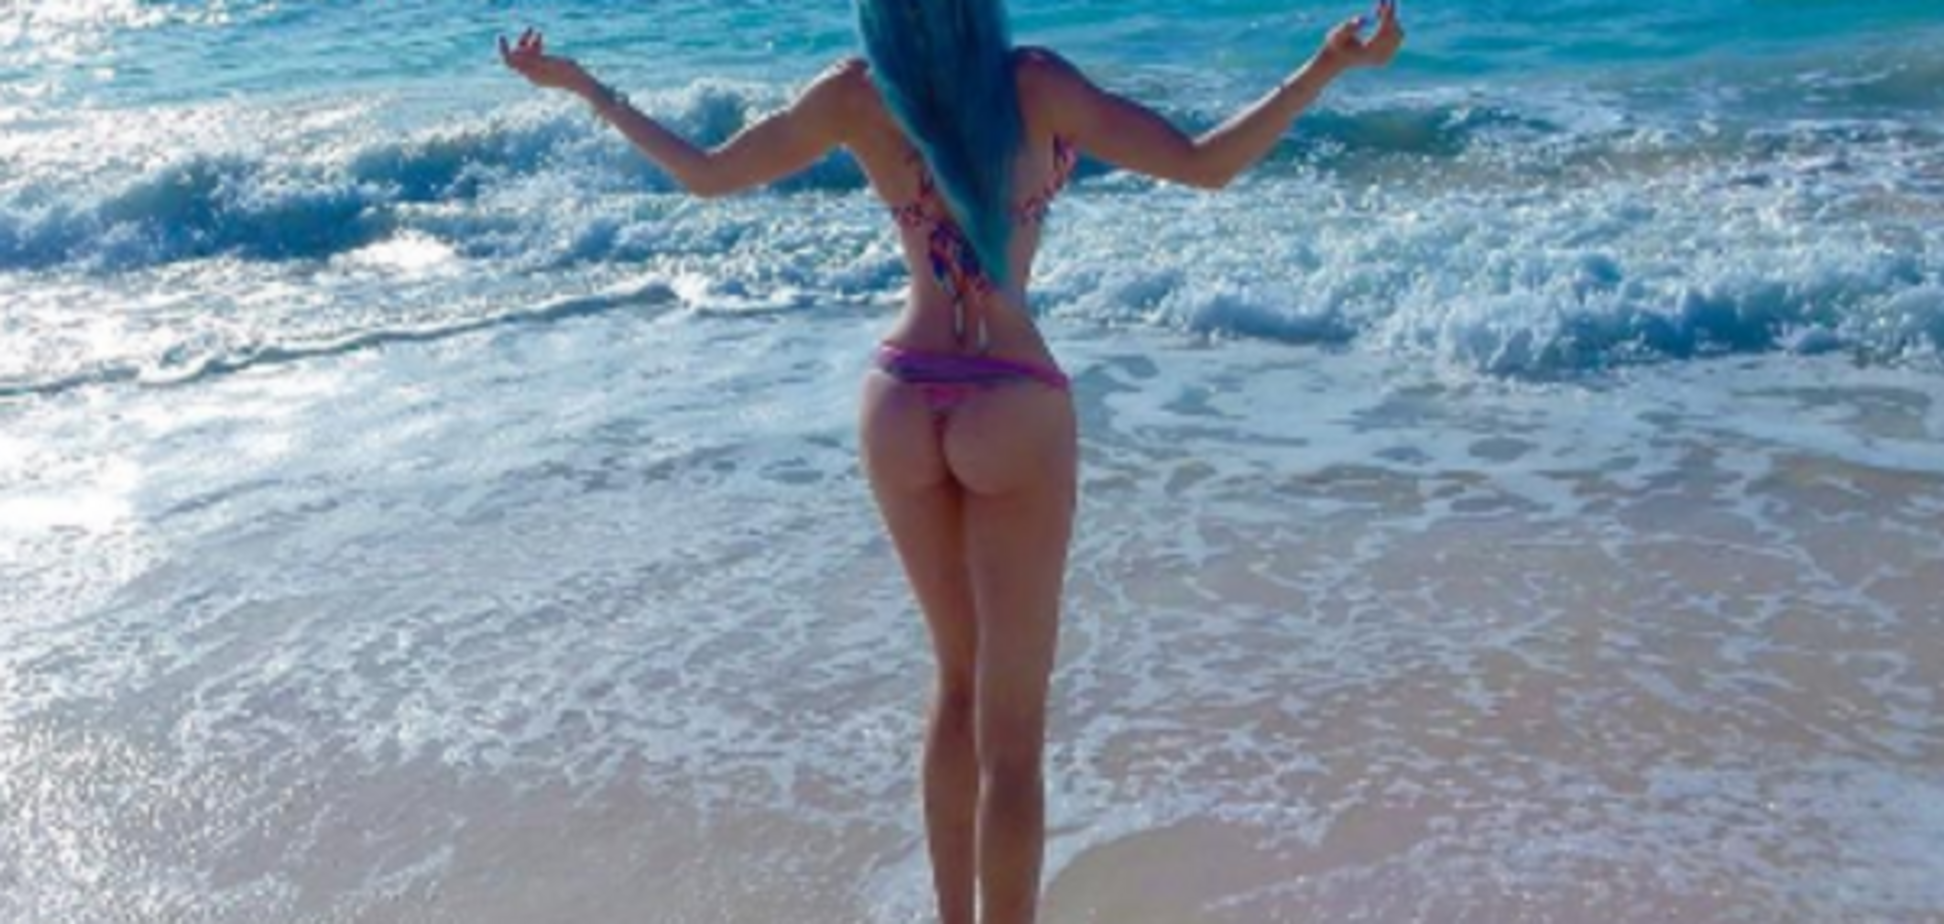 Одеська 'Барбі' ледь прикрила груди блакитним волоссям